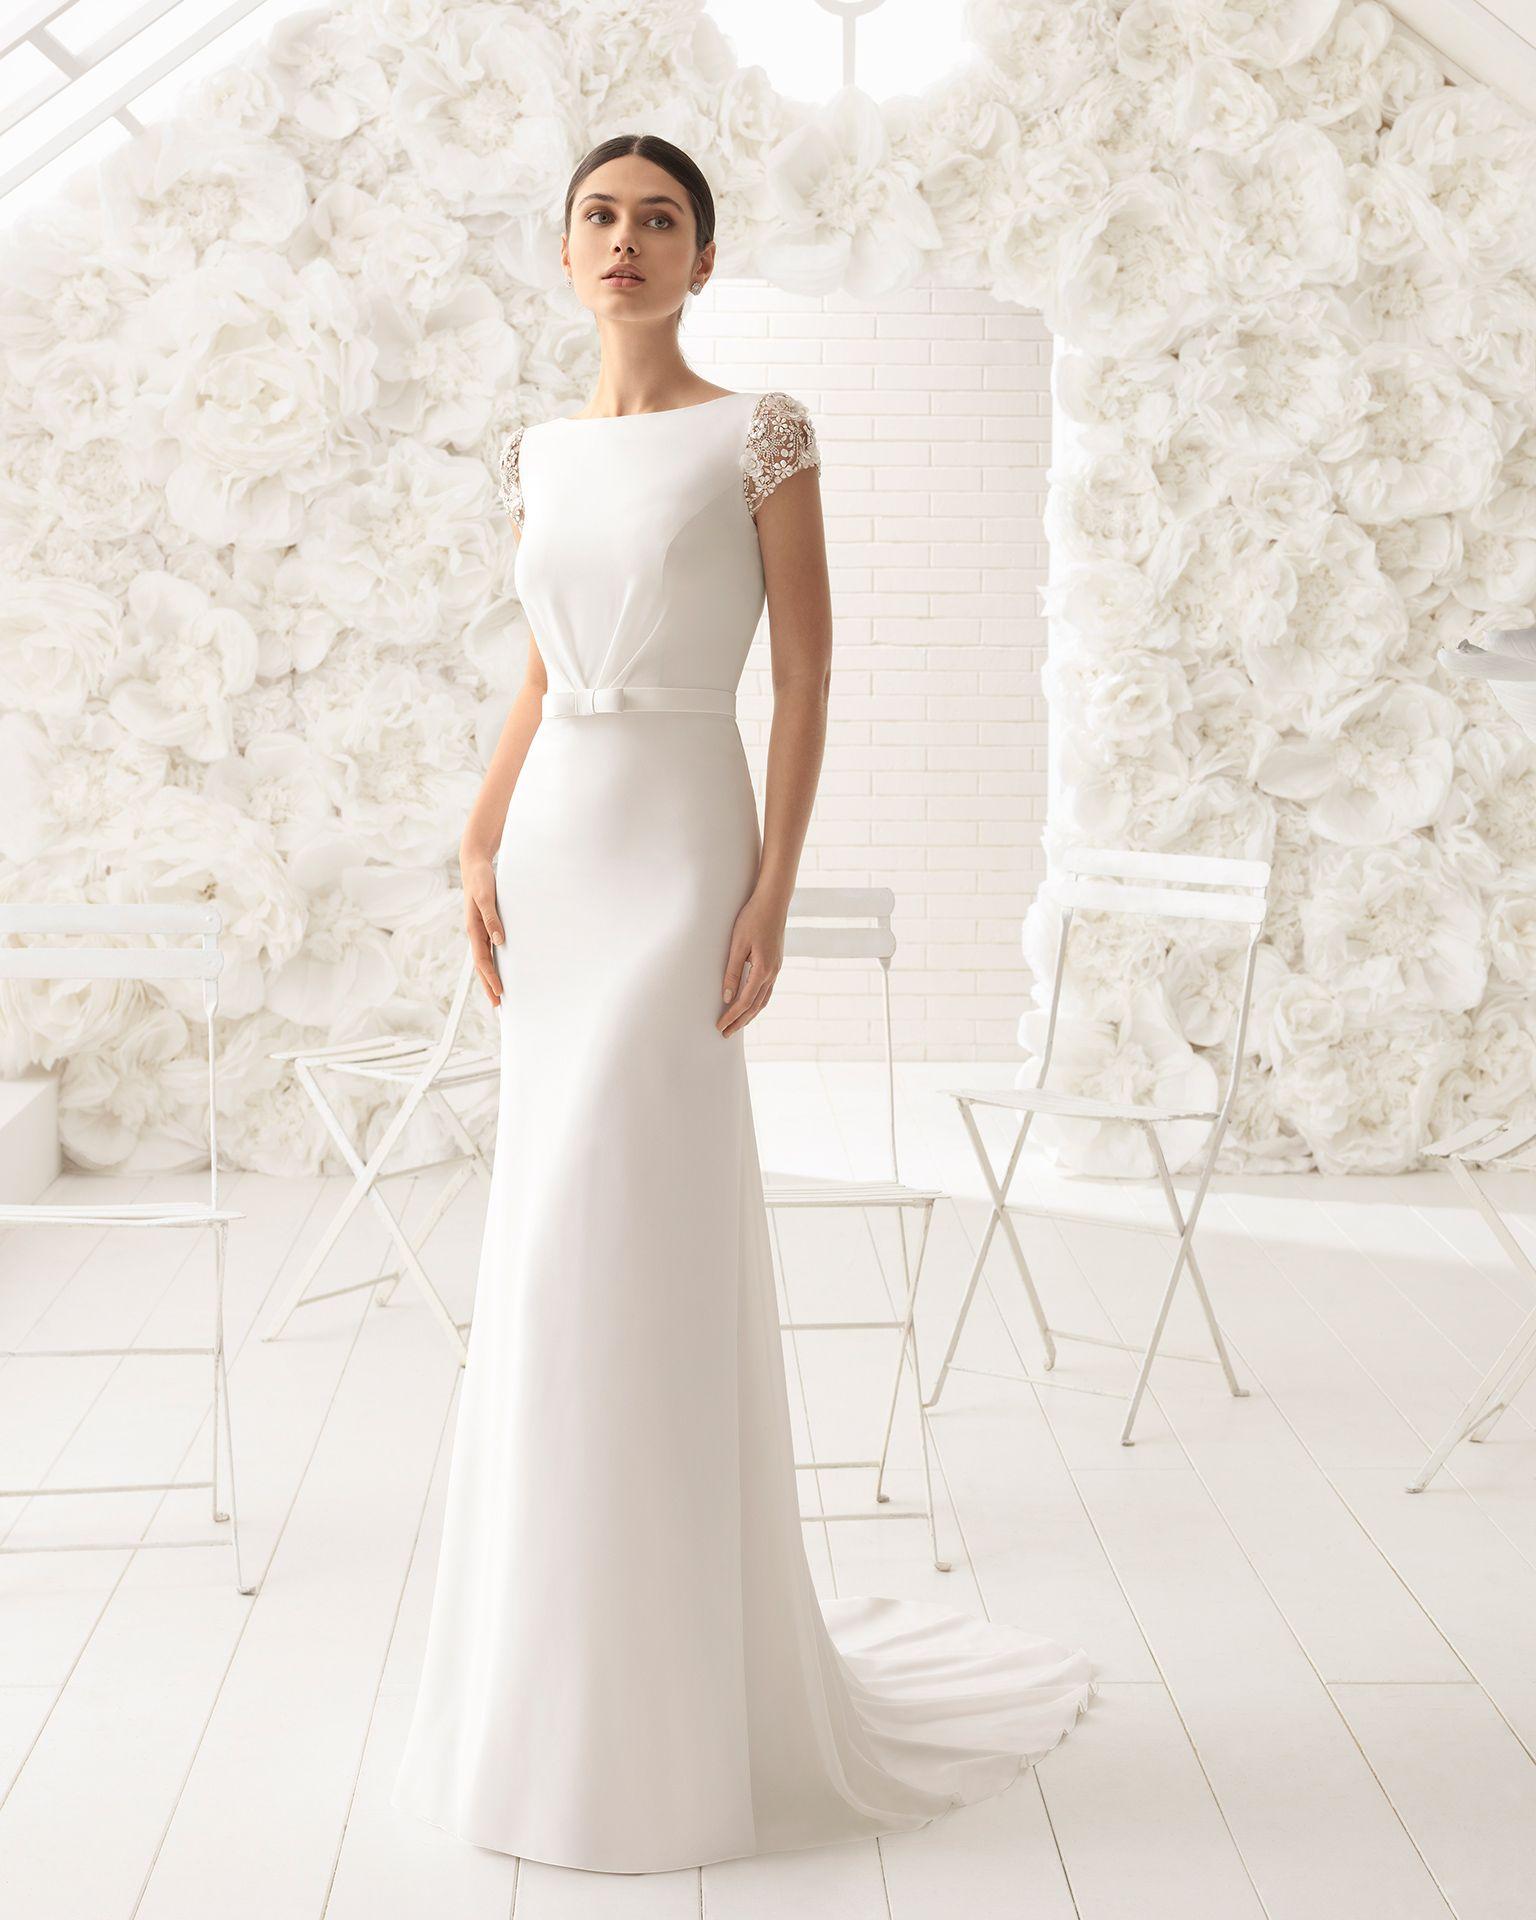 Vestidos De Novia Nueva Coleccion 2020 Wedding Dresses Perfect Wedding Dress Bridal Dresses [ 1920 x 1536 Pixel ]